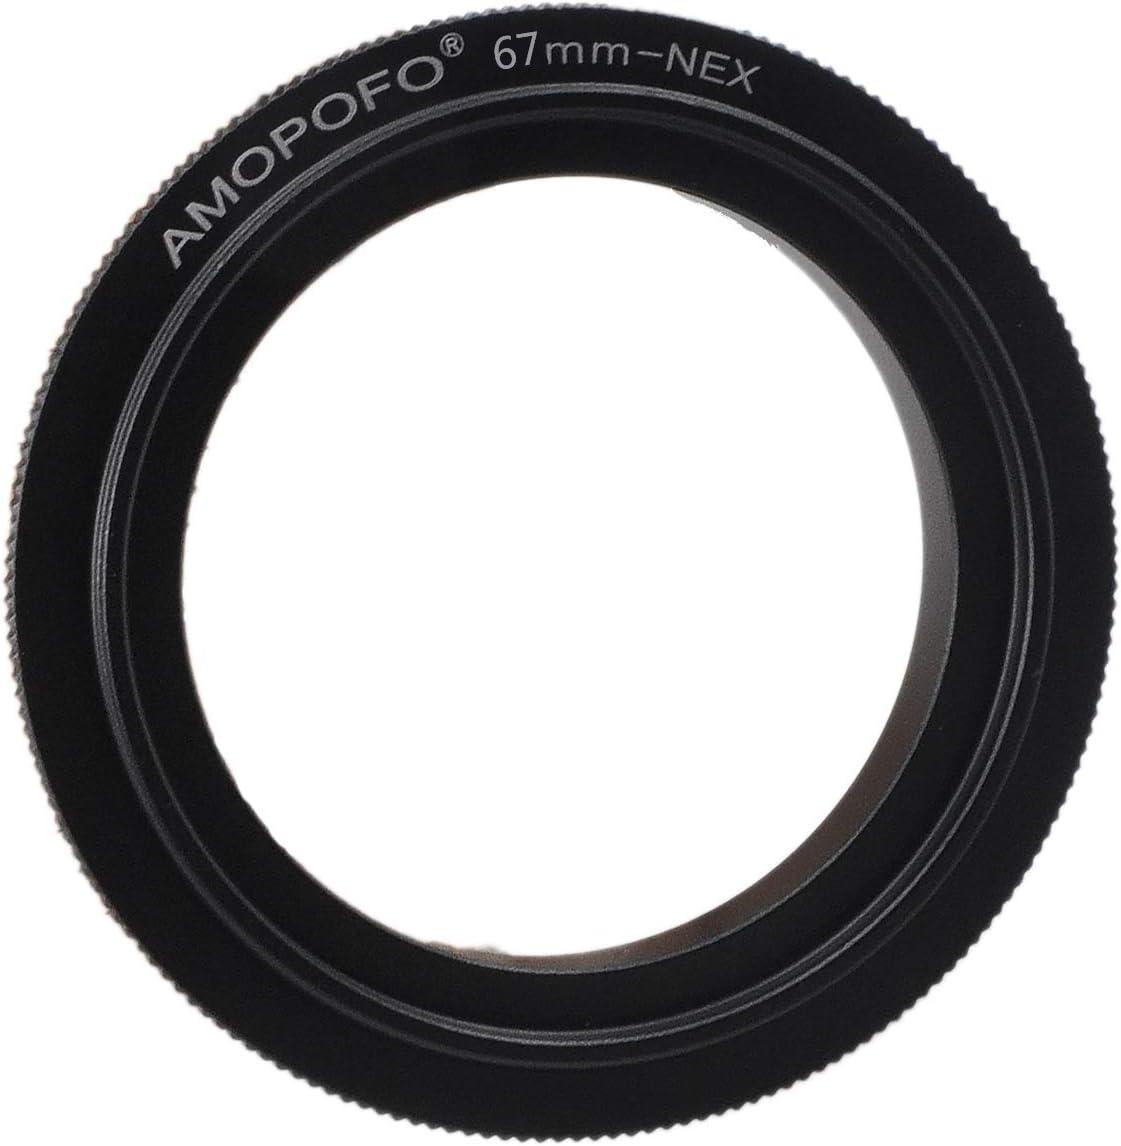 67mm Macro Reverse Adapter Ring for Sony NEX E Mount Digital SLR Body